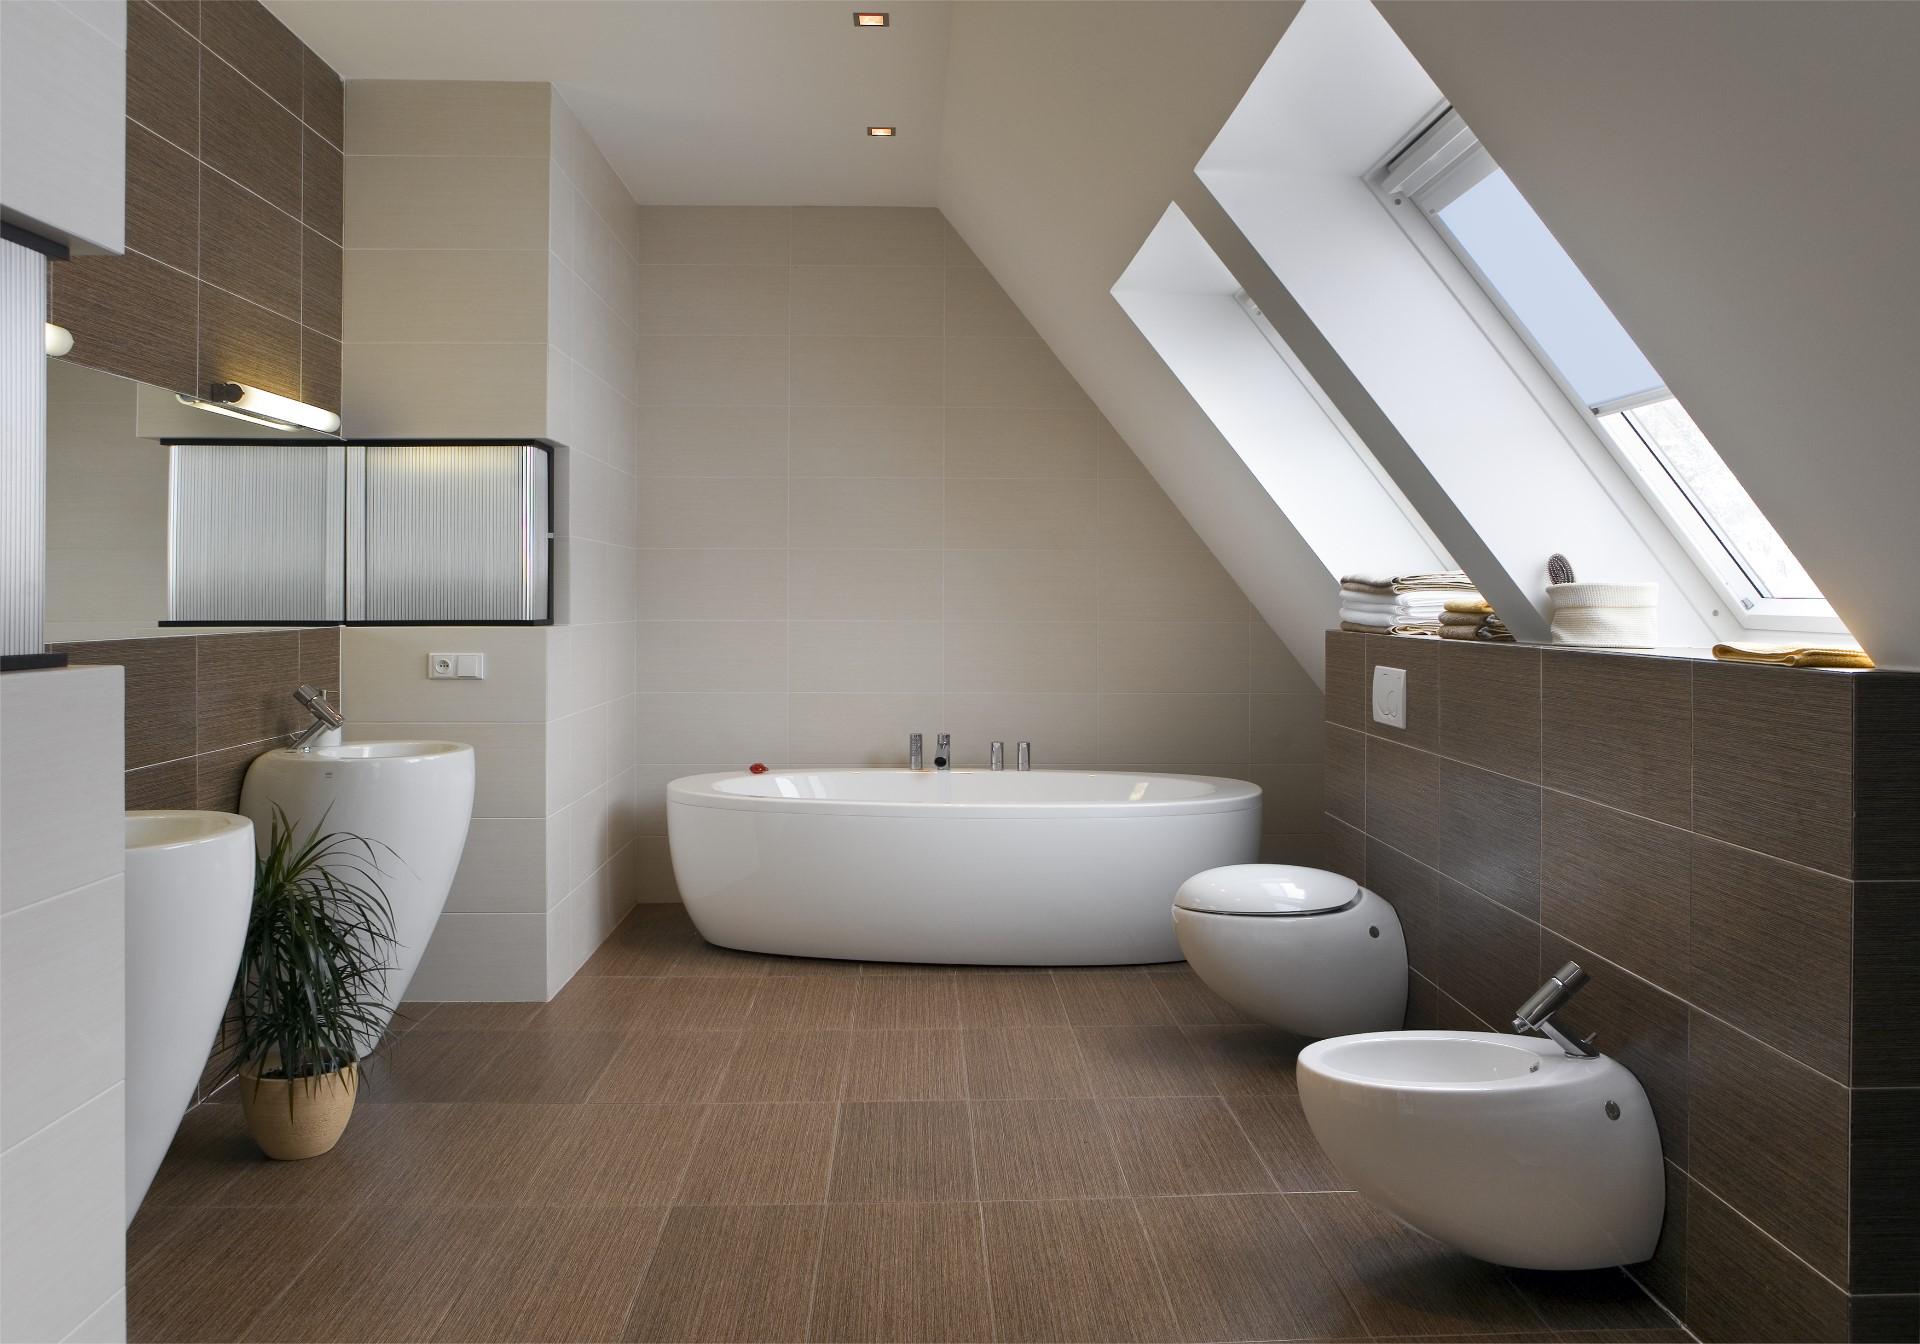 bagno con finestre